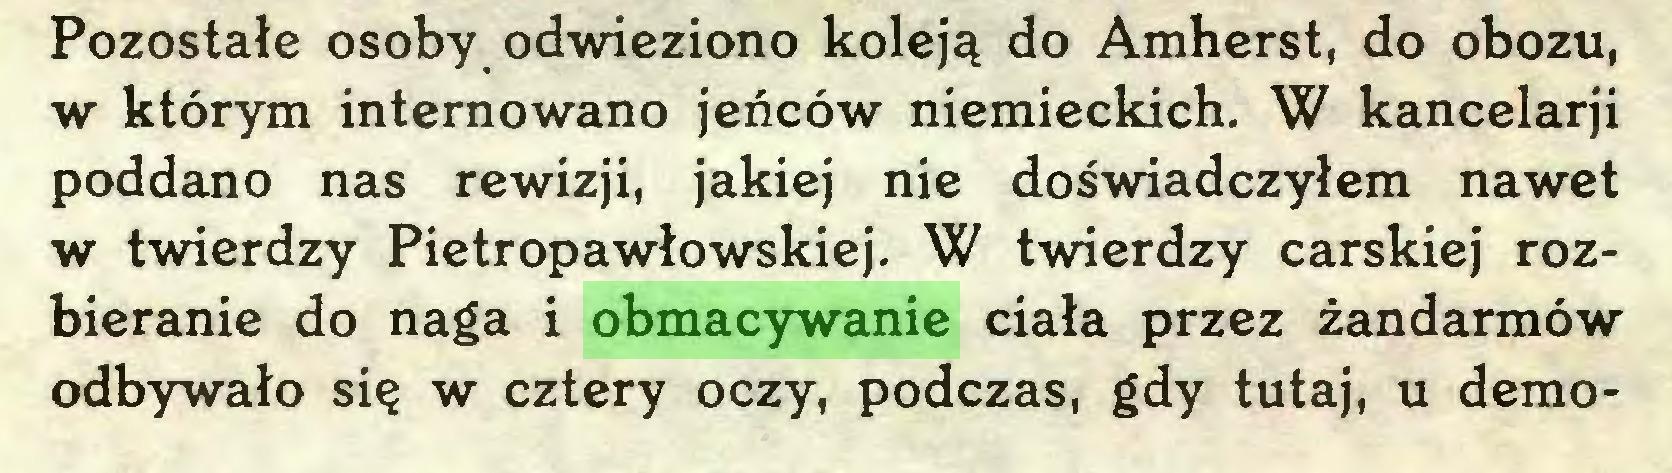 (...) Pozostałe osoby odwieziono koleją do Amherst, do obozu, w którym internowano jeńców niemieckich. W kancelarji poddano nas rewizji, jakiej nie doświadczyłem nawet w twierdzy Pietropawłowskiej. W twierdzy carskiej rozbieranie do naga i obmacywanie ciała przez żandarmów odbywało się w cztery oczy, podczas, gdy tutaj, u demo...